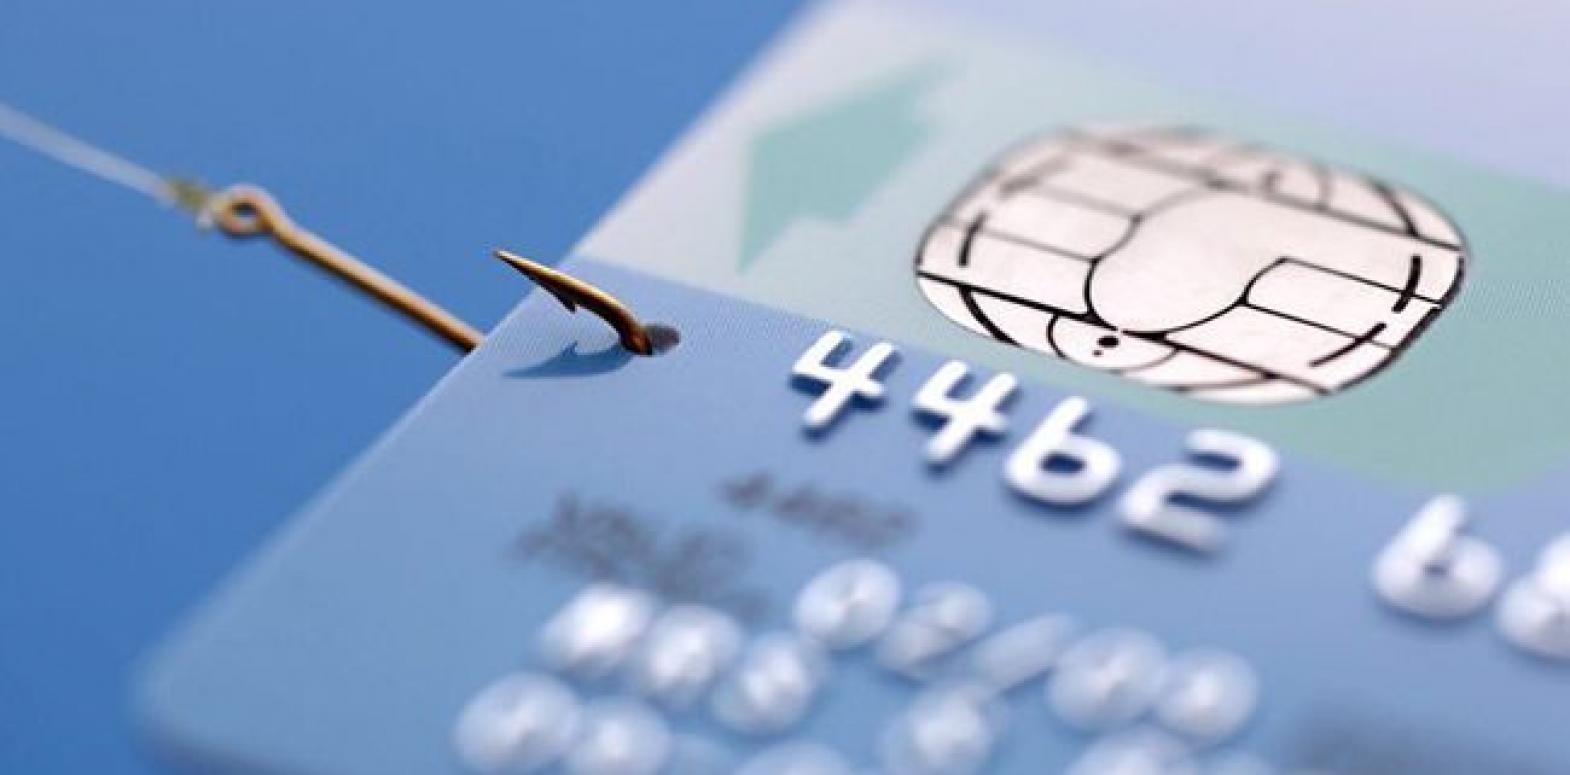 Доля безналичных операций с платежными картами достигла 50%